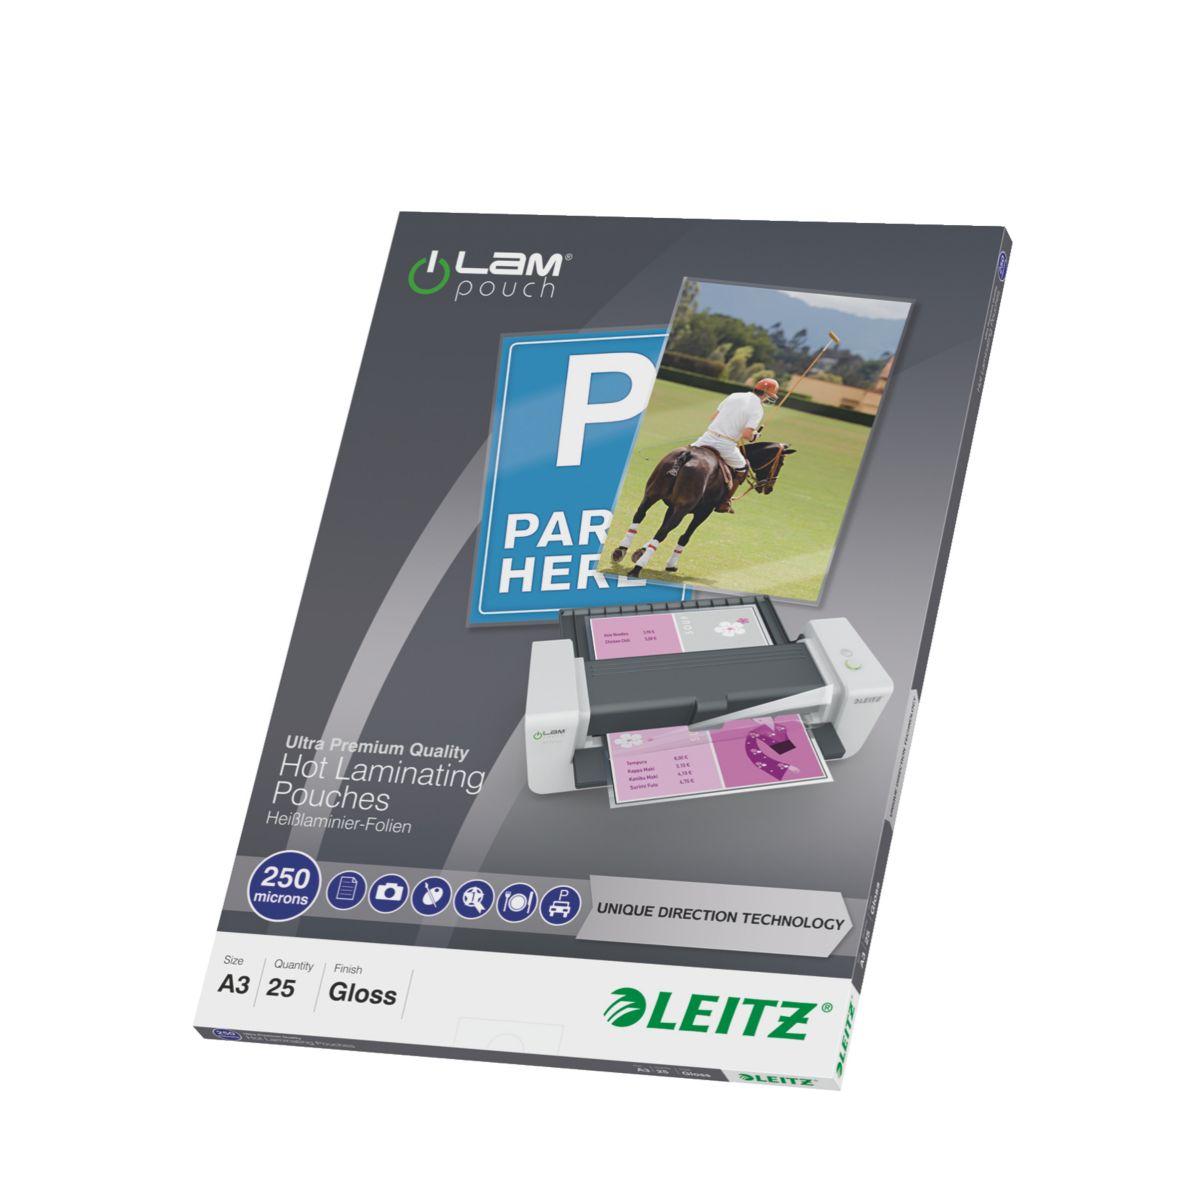 Consommable de bureau pour plastifieuse leitz pochettes 250 udt a3 boite de 25 (photo)